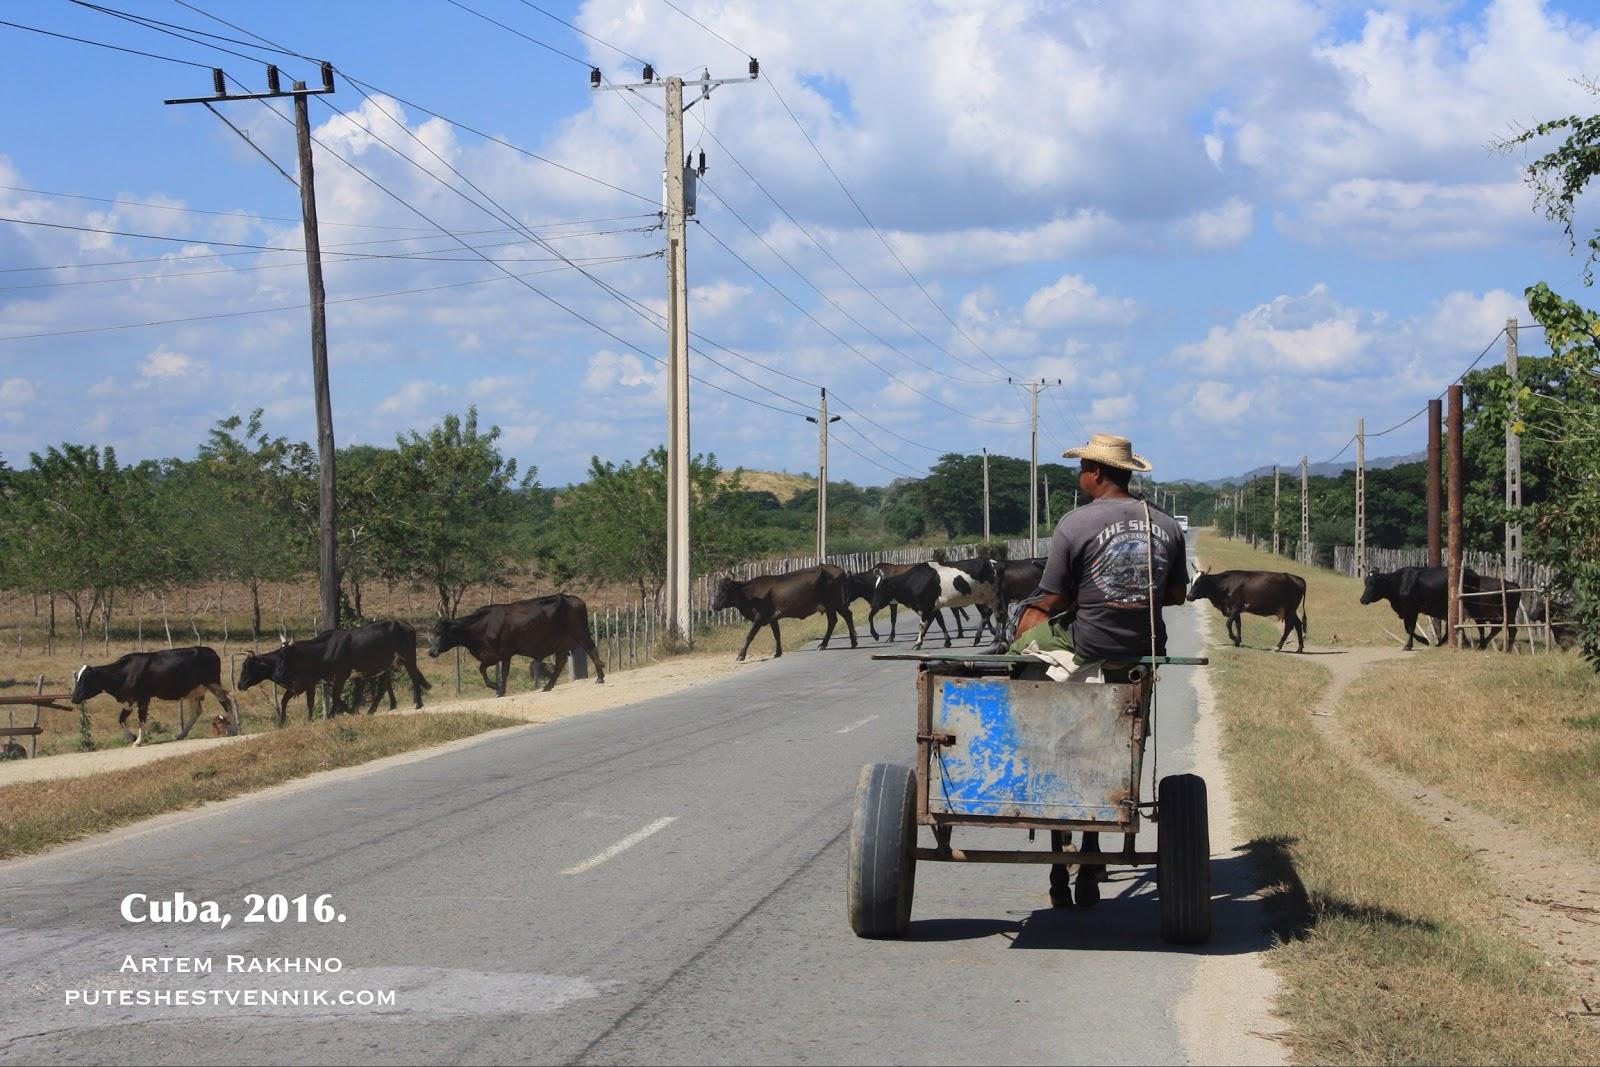 Коровы переходят дорогу на Кубе